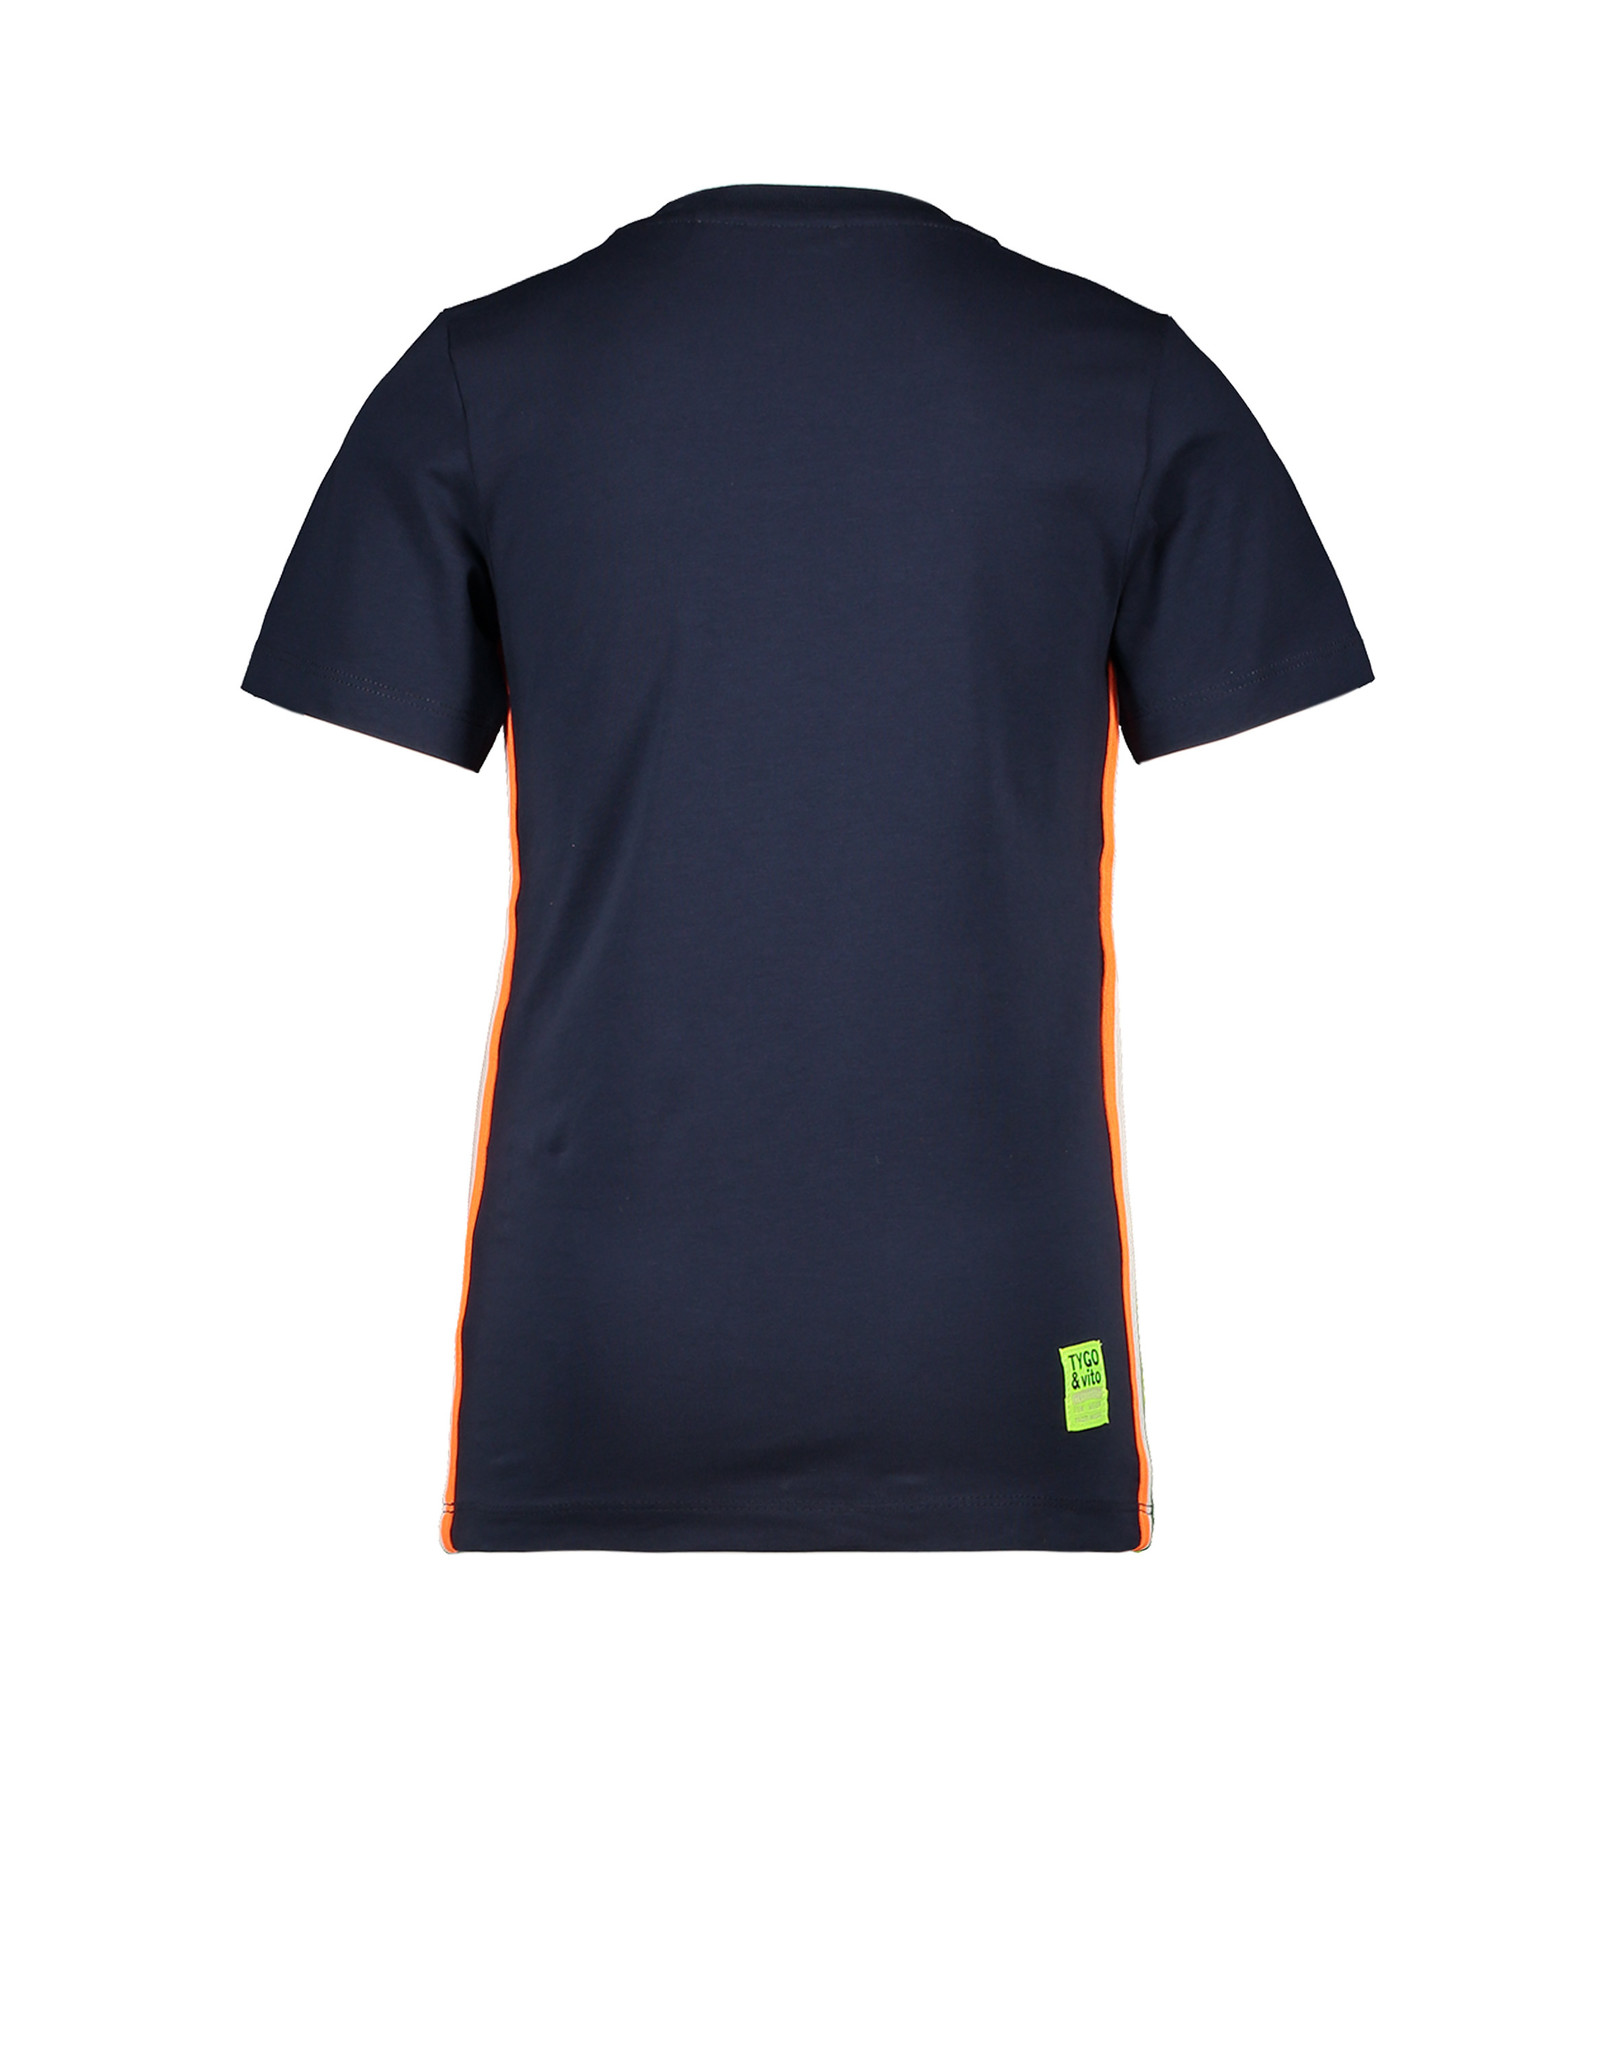 Tygo & Vito T&v t-shirt RACE